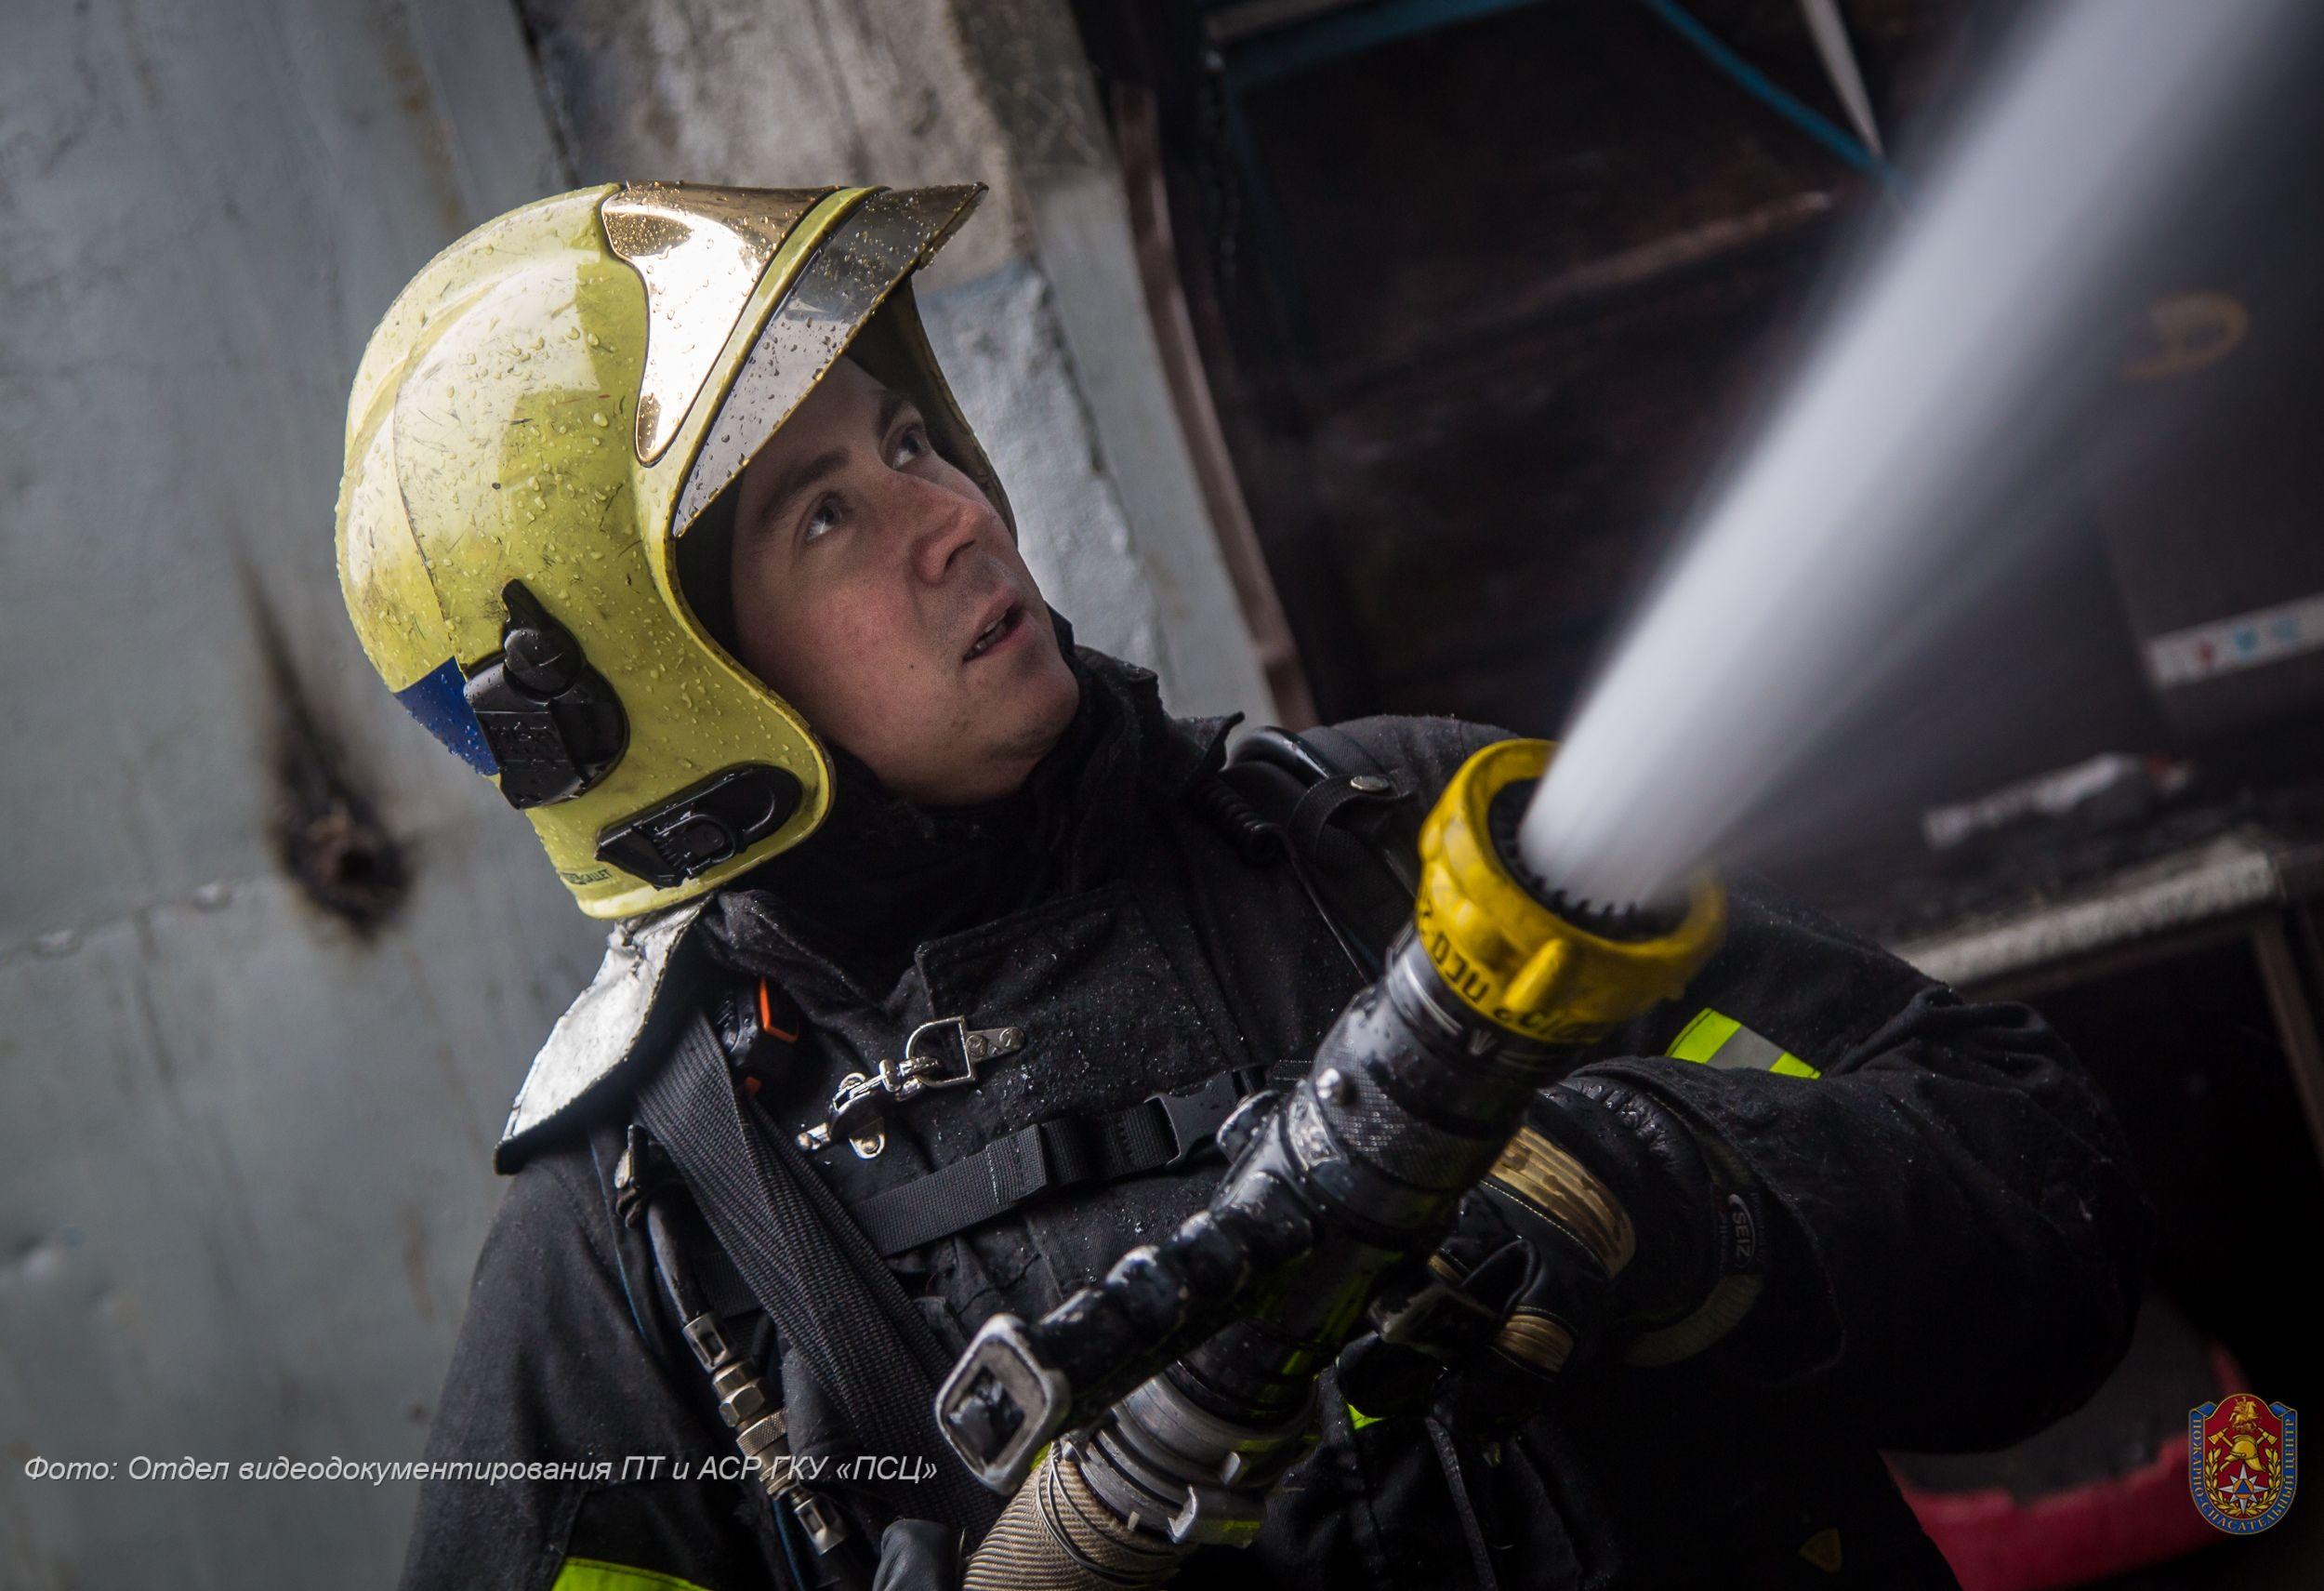 Более 200 спасенных жизней – московские пожарные подвели итоги 2019